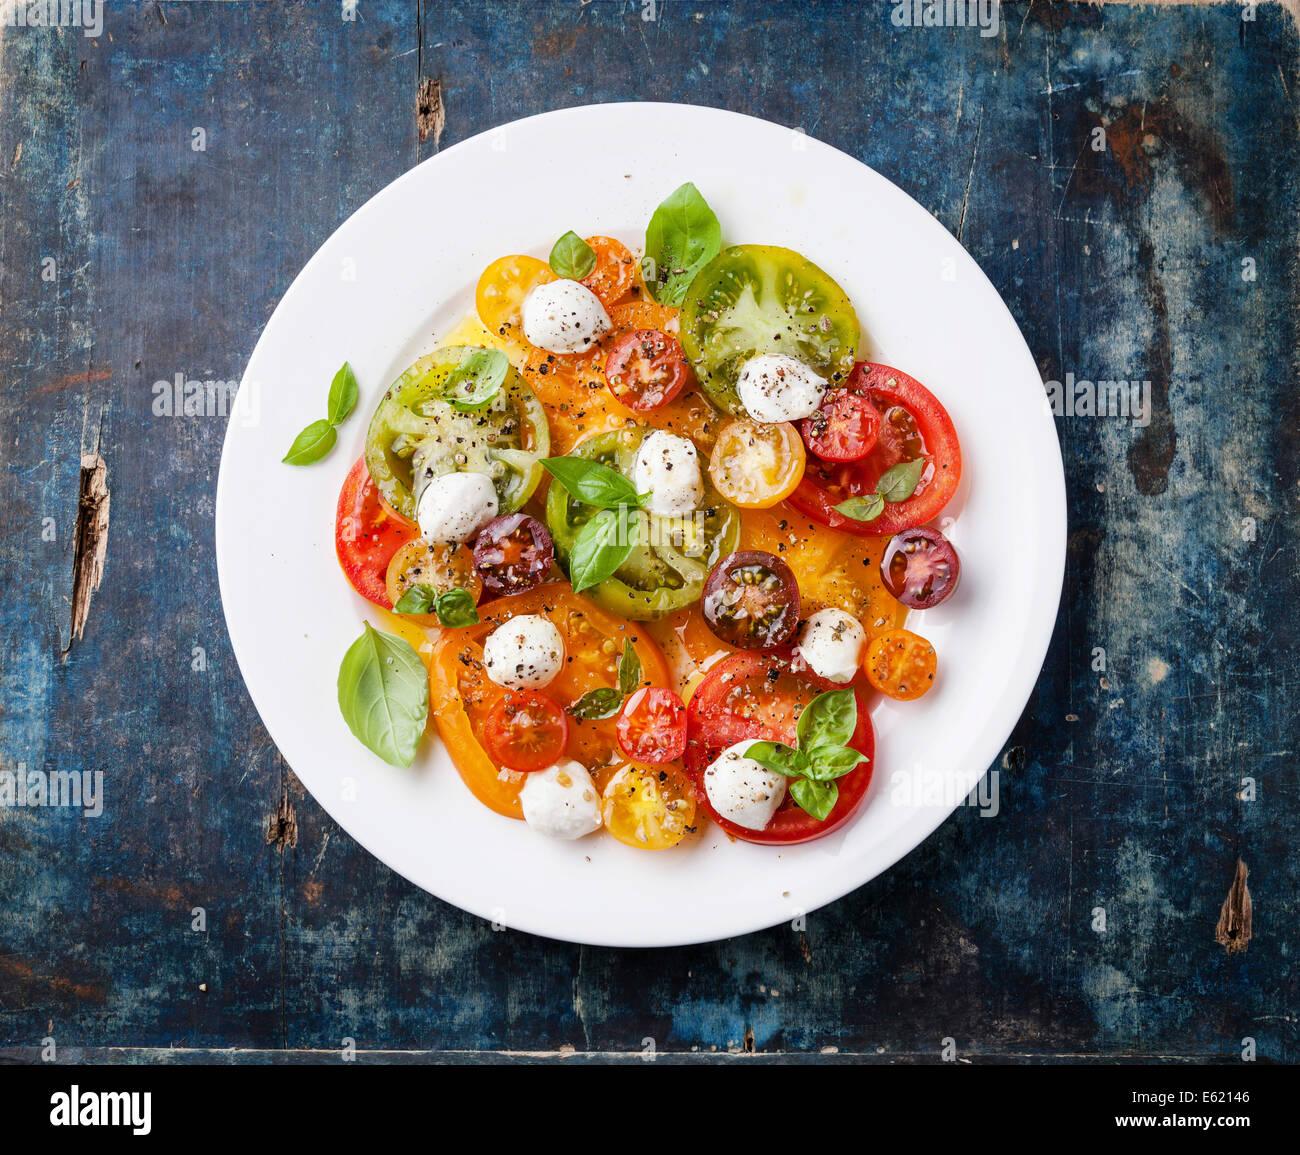 Salade de tomates avec de la mozzarella colorés sur fond de bois bleu Photo Stock